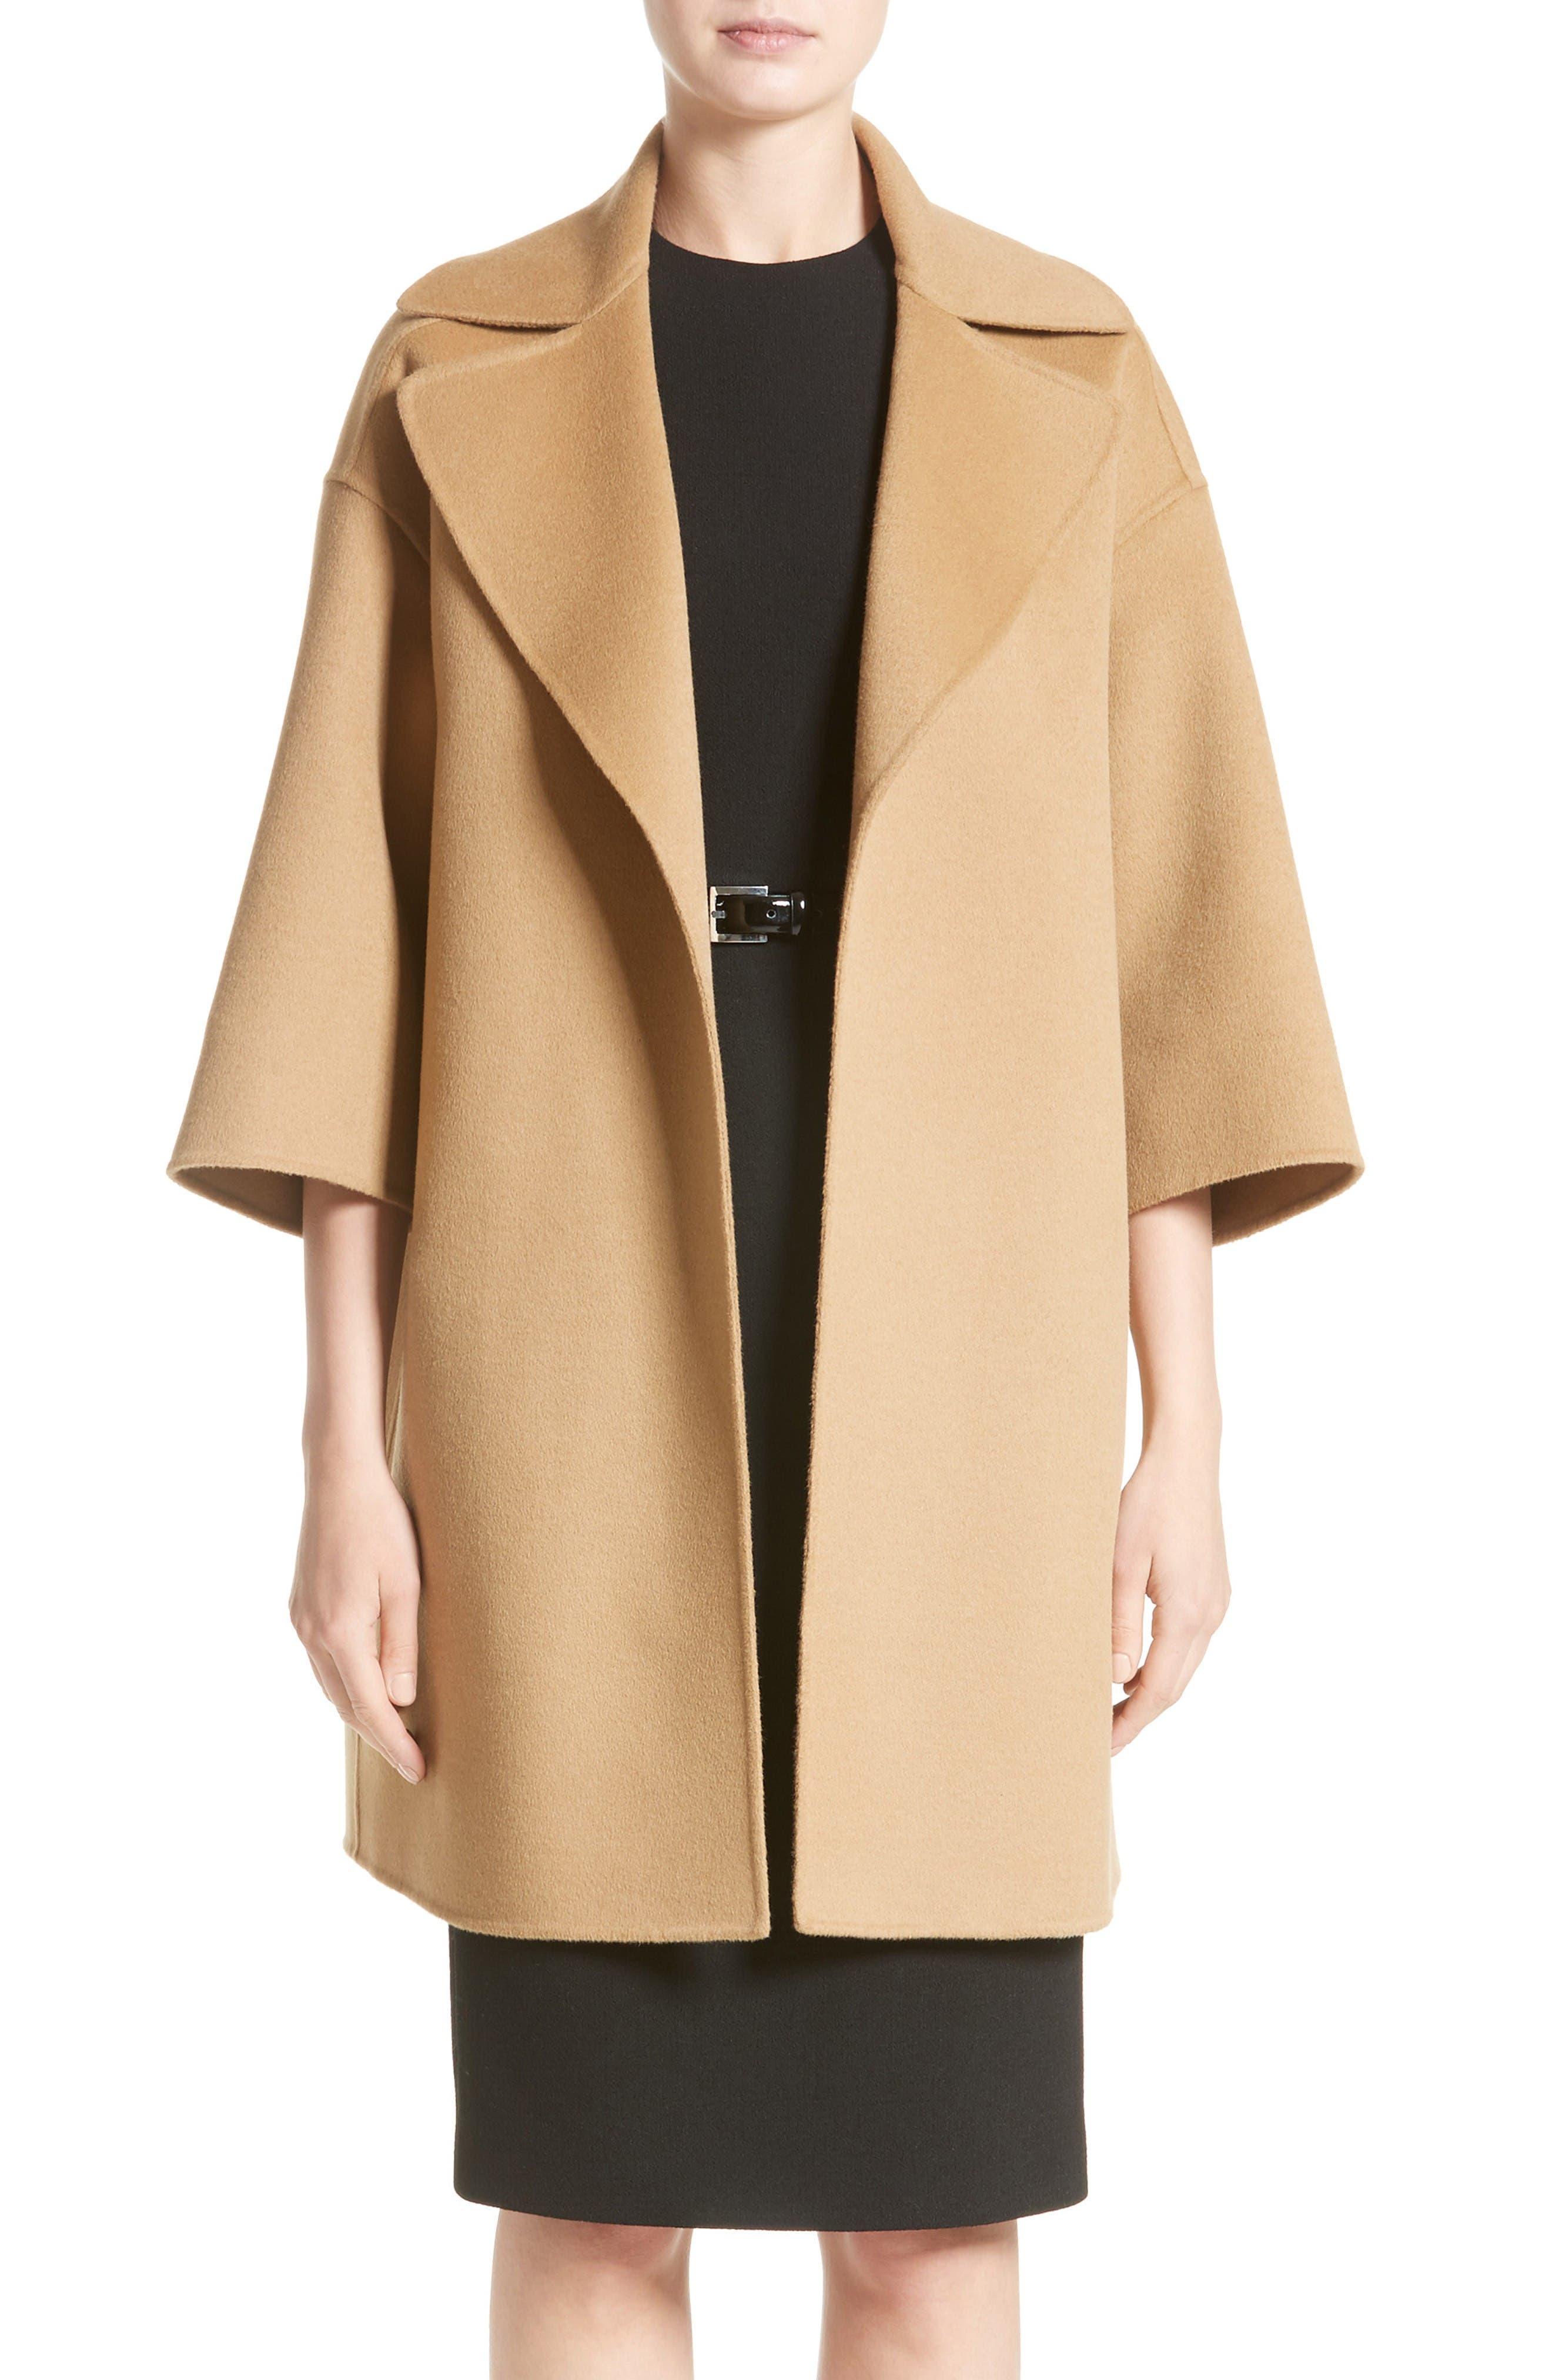 Main Image - Michael Kors Wool Blend Coat